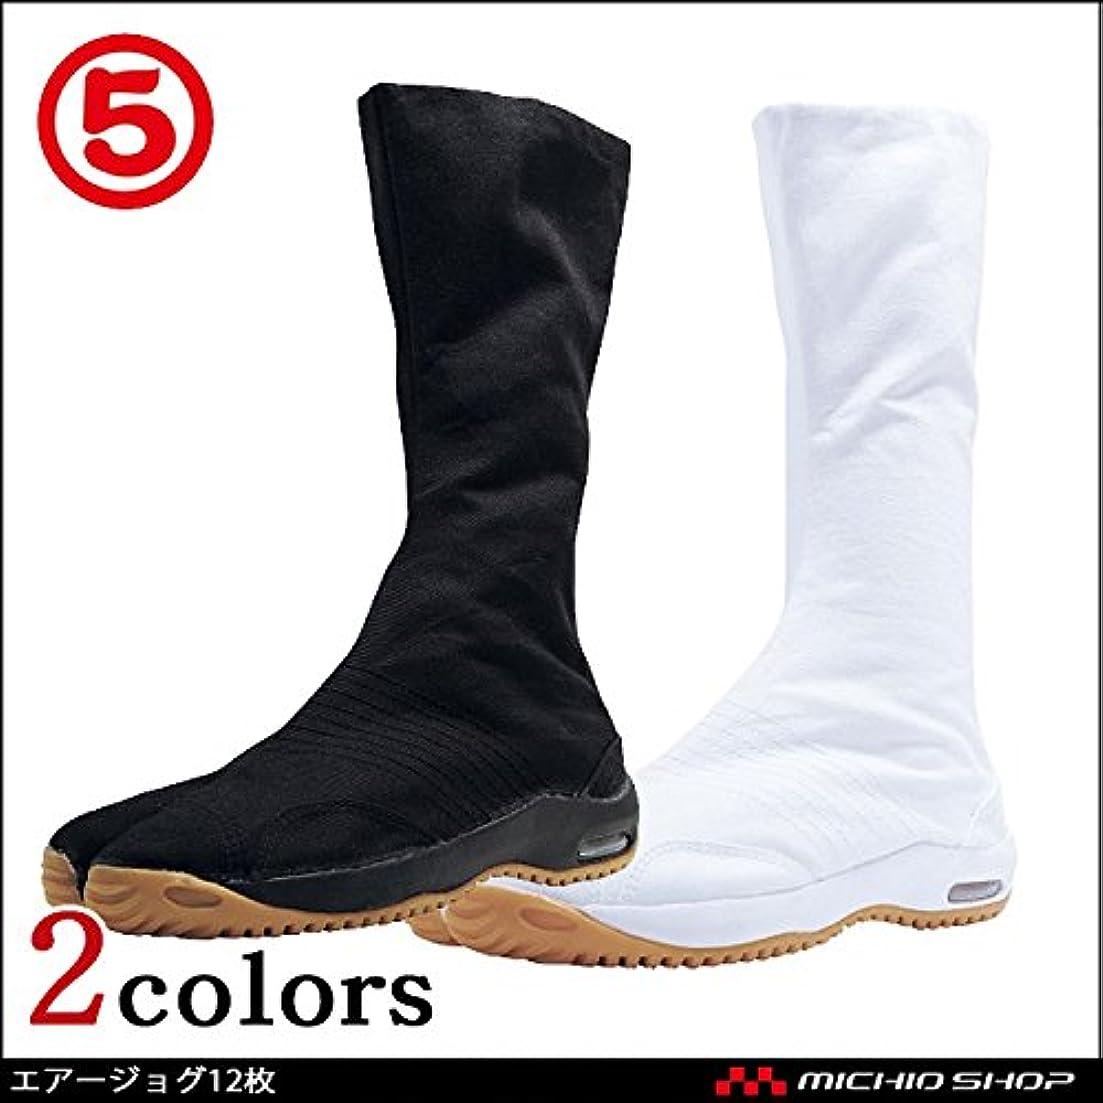 藤色スクラップブックモスク丸五 作業靴 MARUGO 祭りたび 足袋 エアージョグ12枚Color:09黒 28.0